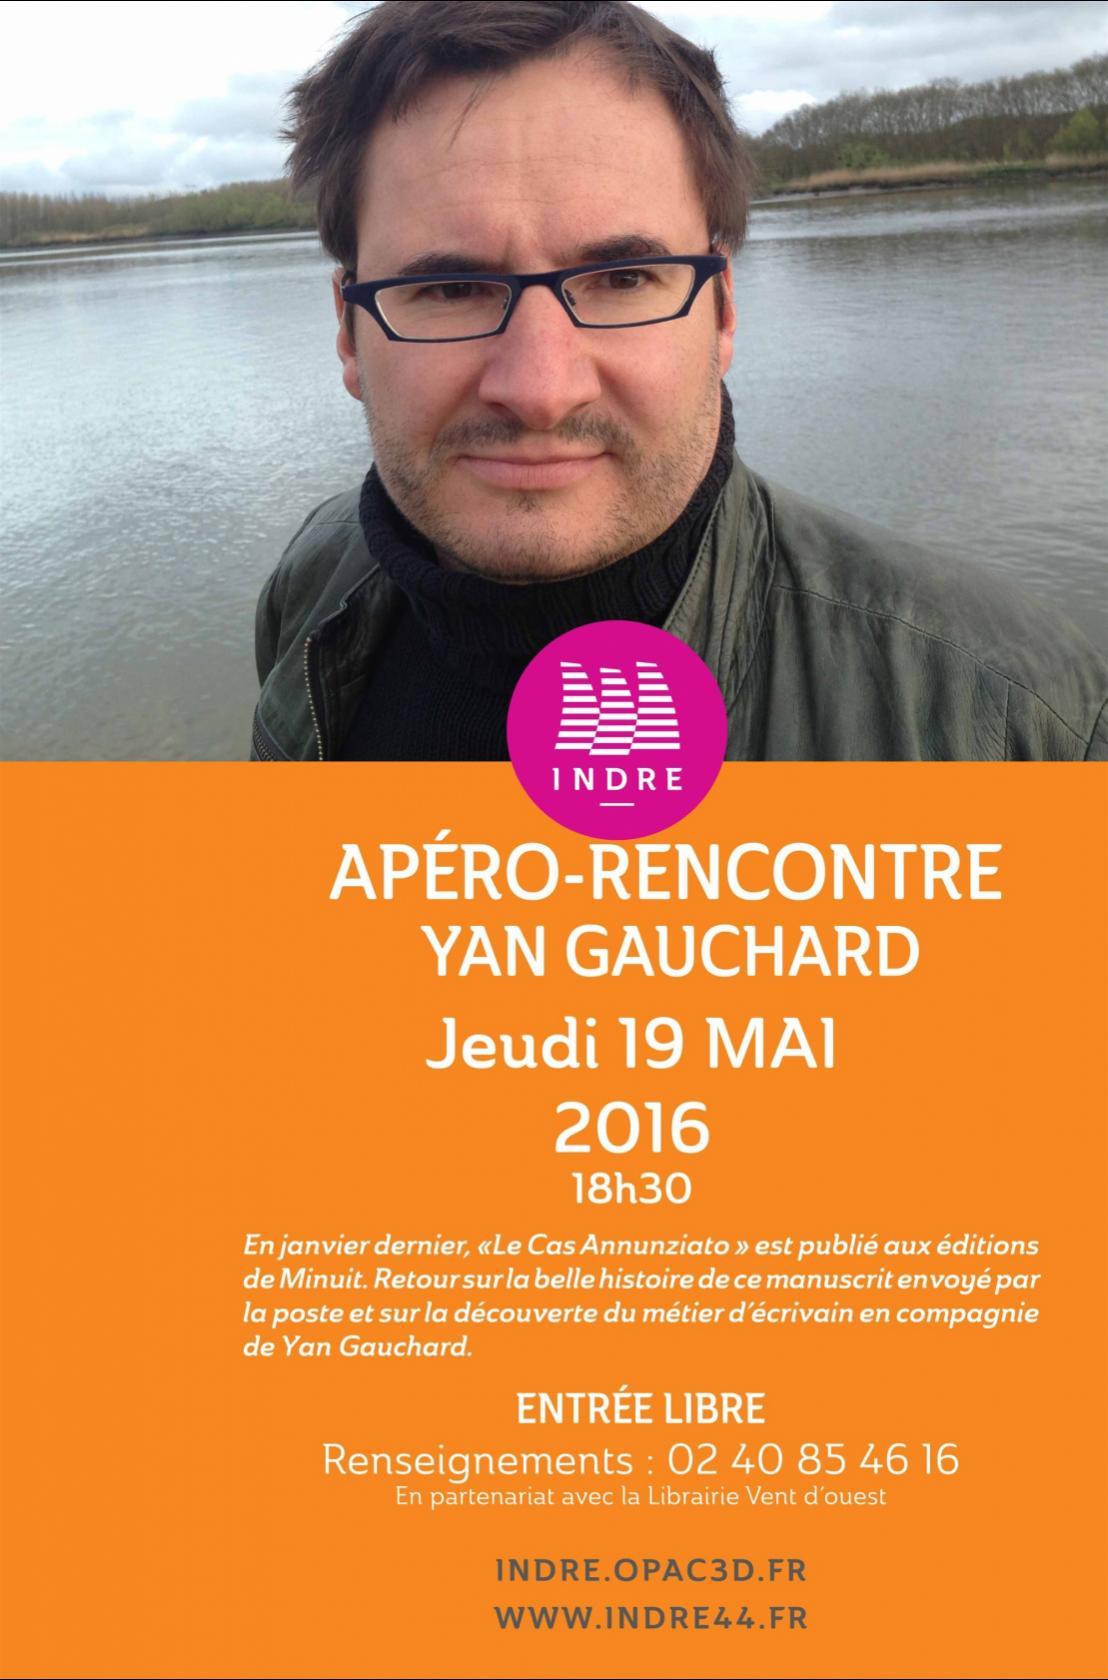 Rencontre avec l'auteur Yan Gauchard Indre